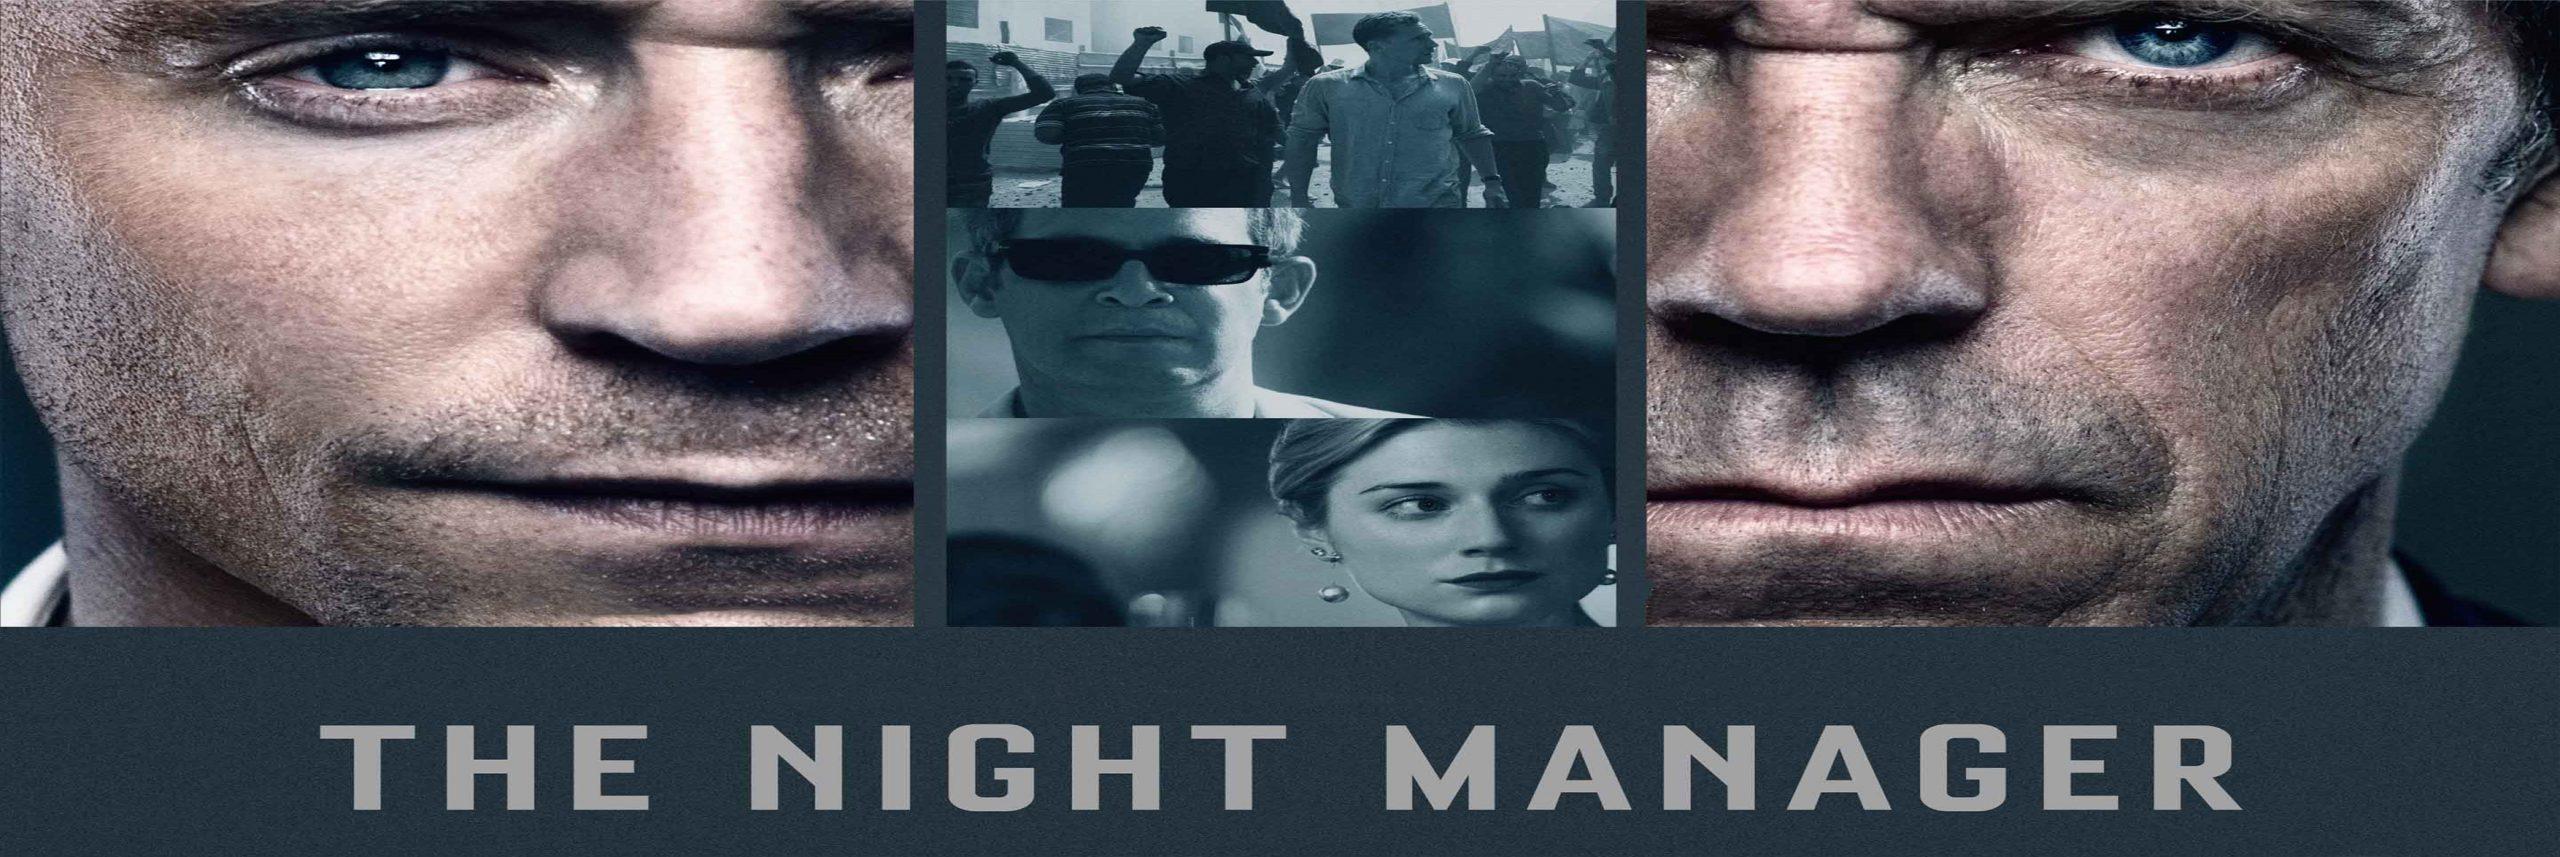 مدیر شیف شب – The Night Manager